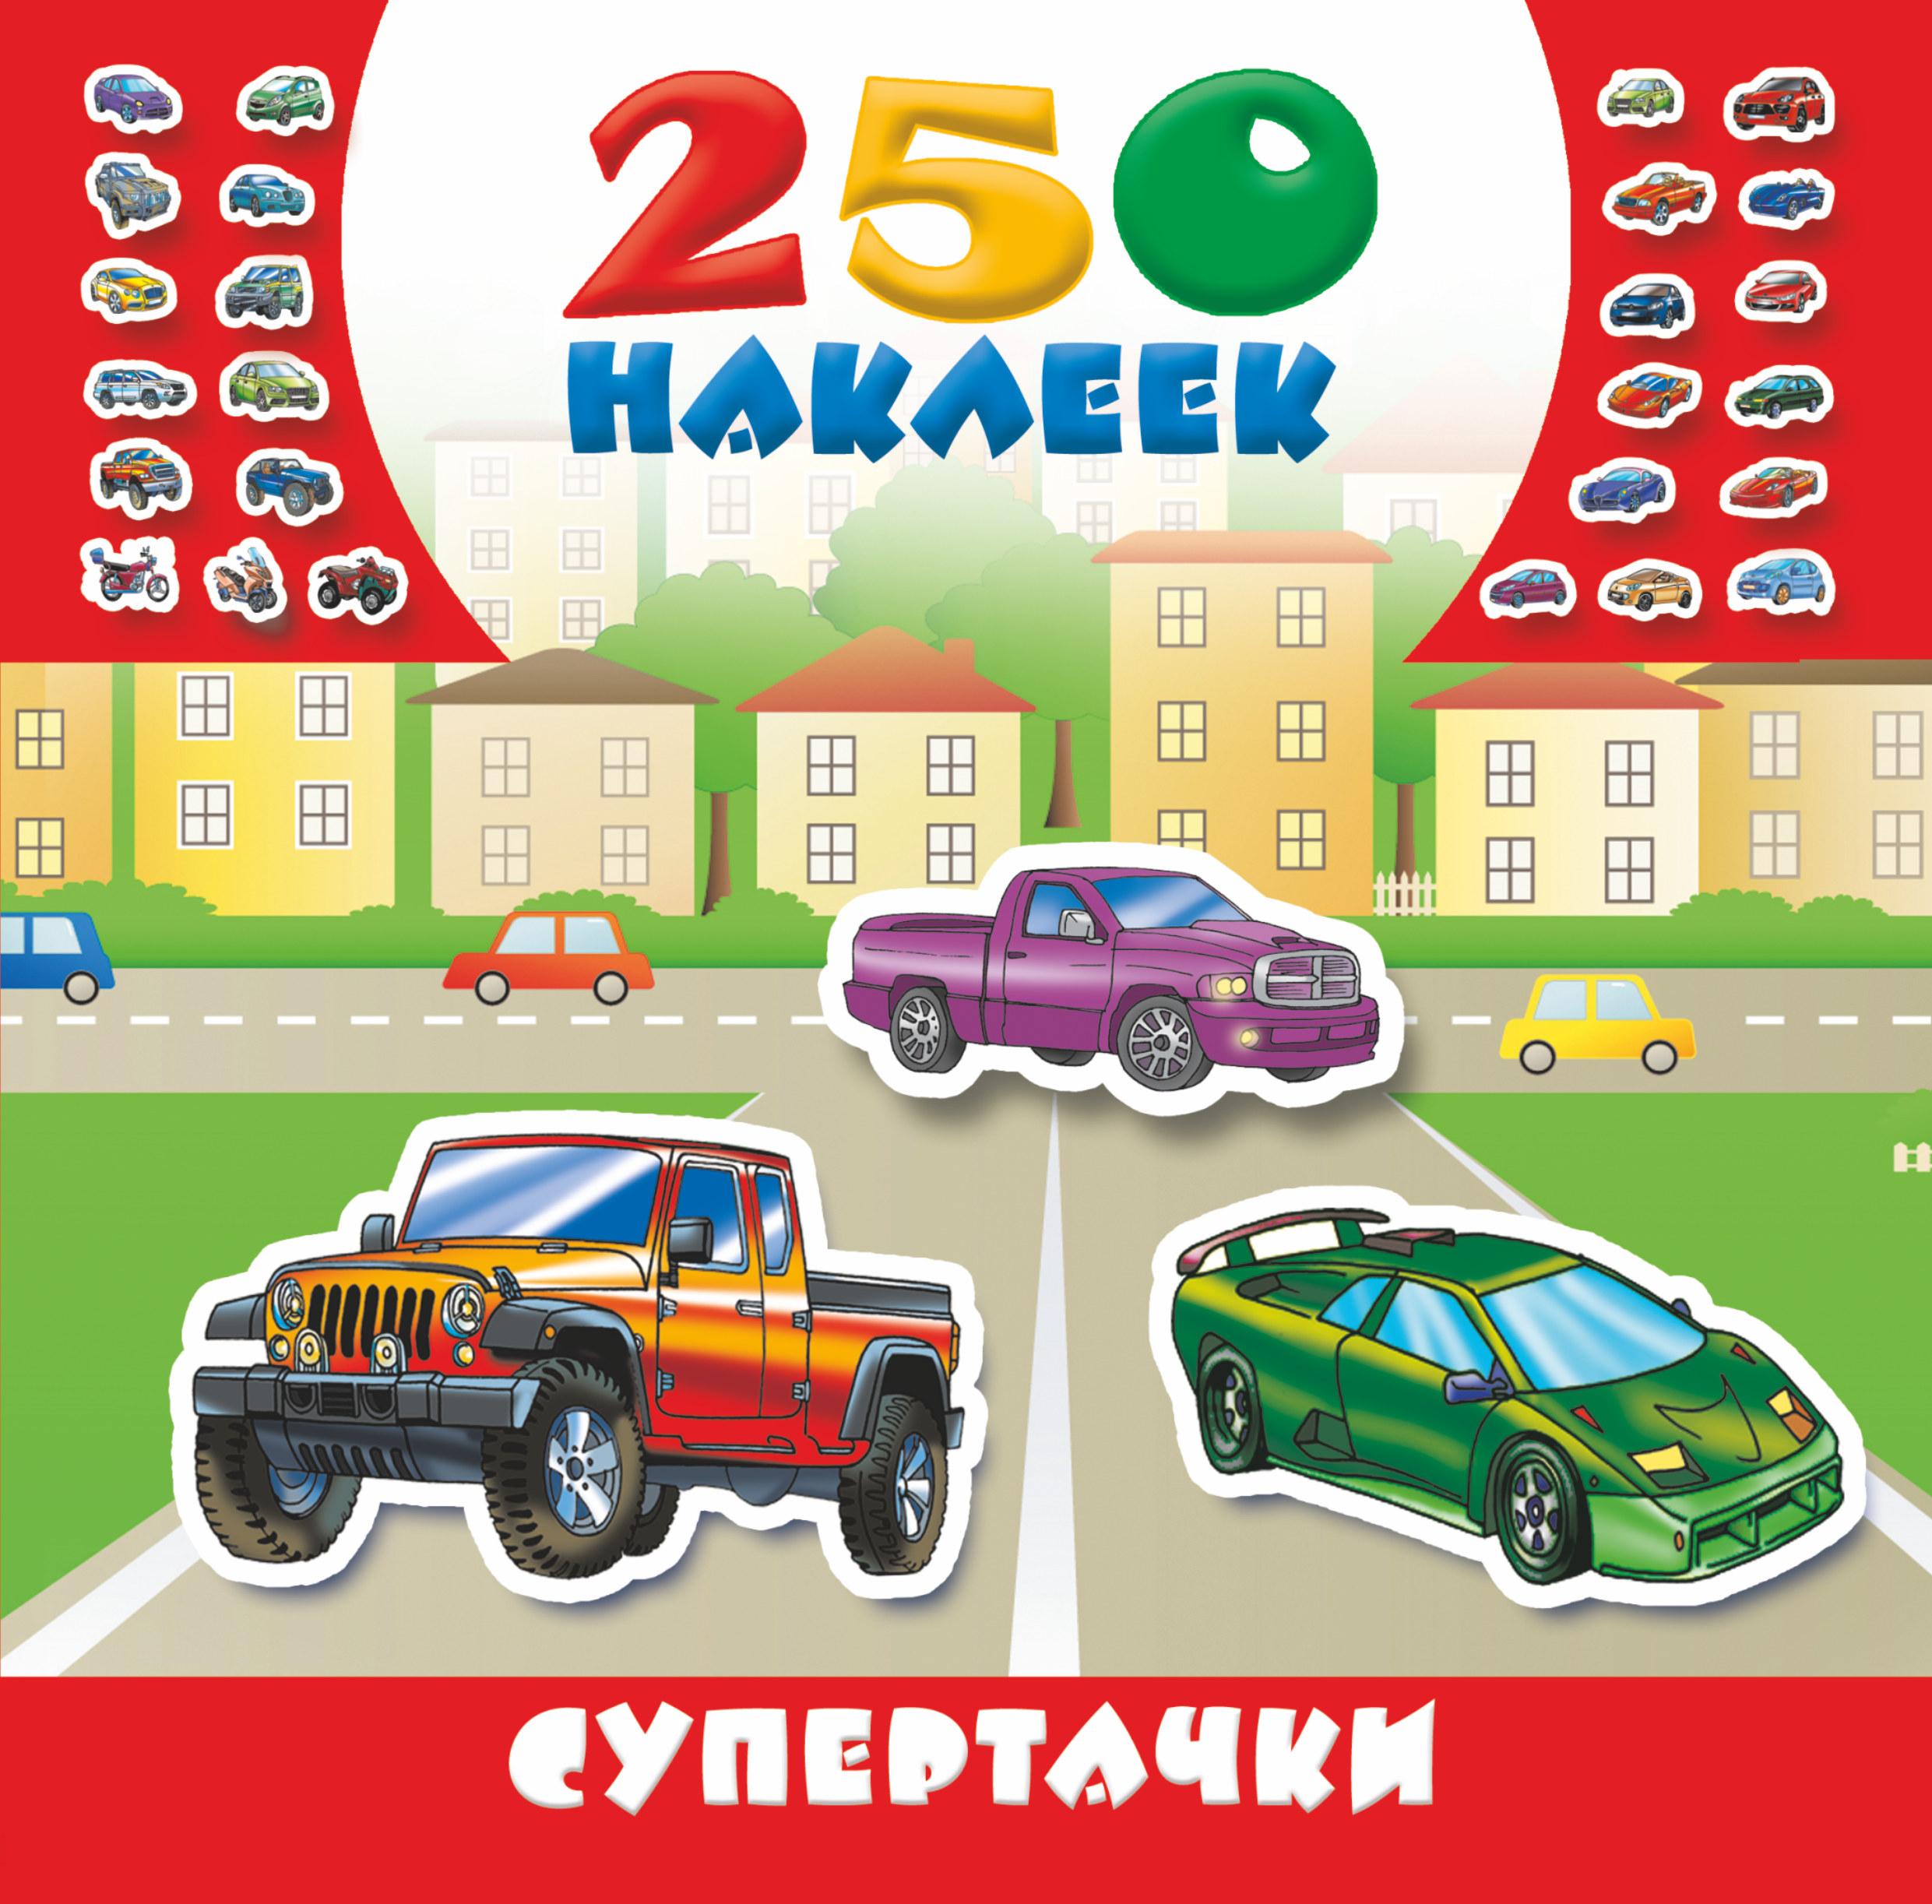 Рахманов А., Глотова В.Ю. Супертачки карандаш картинки для детей нарисованные